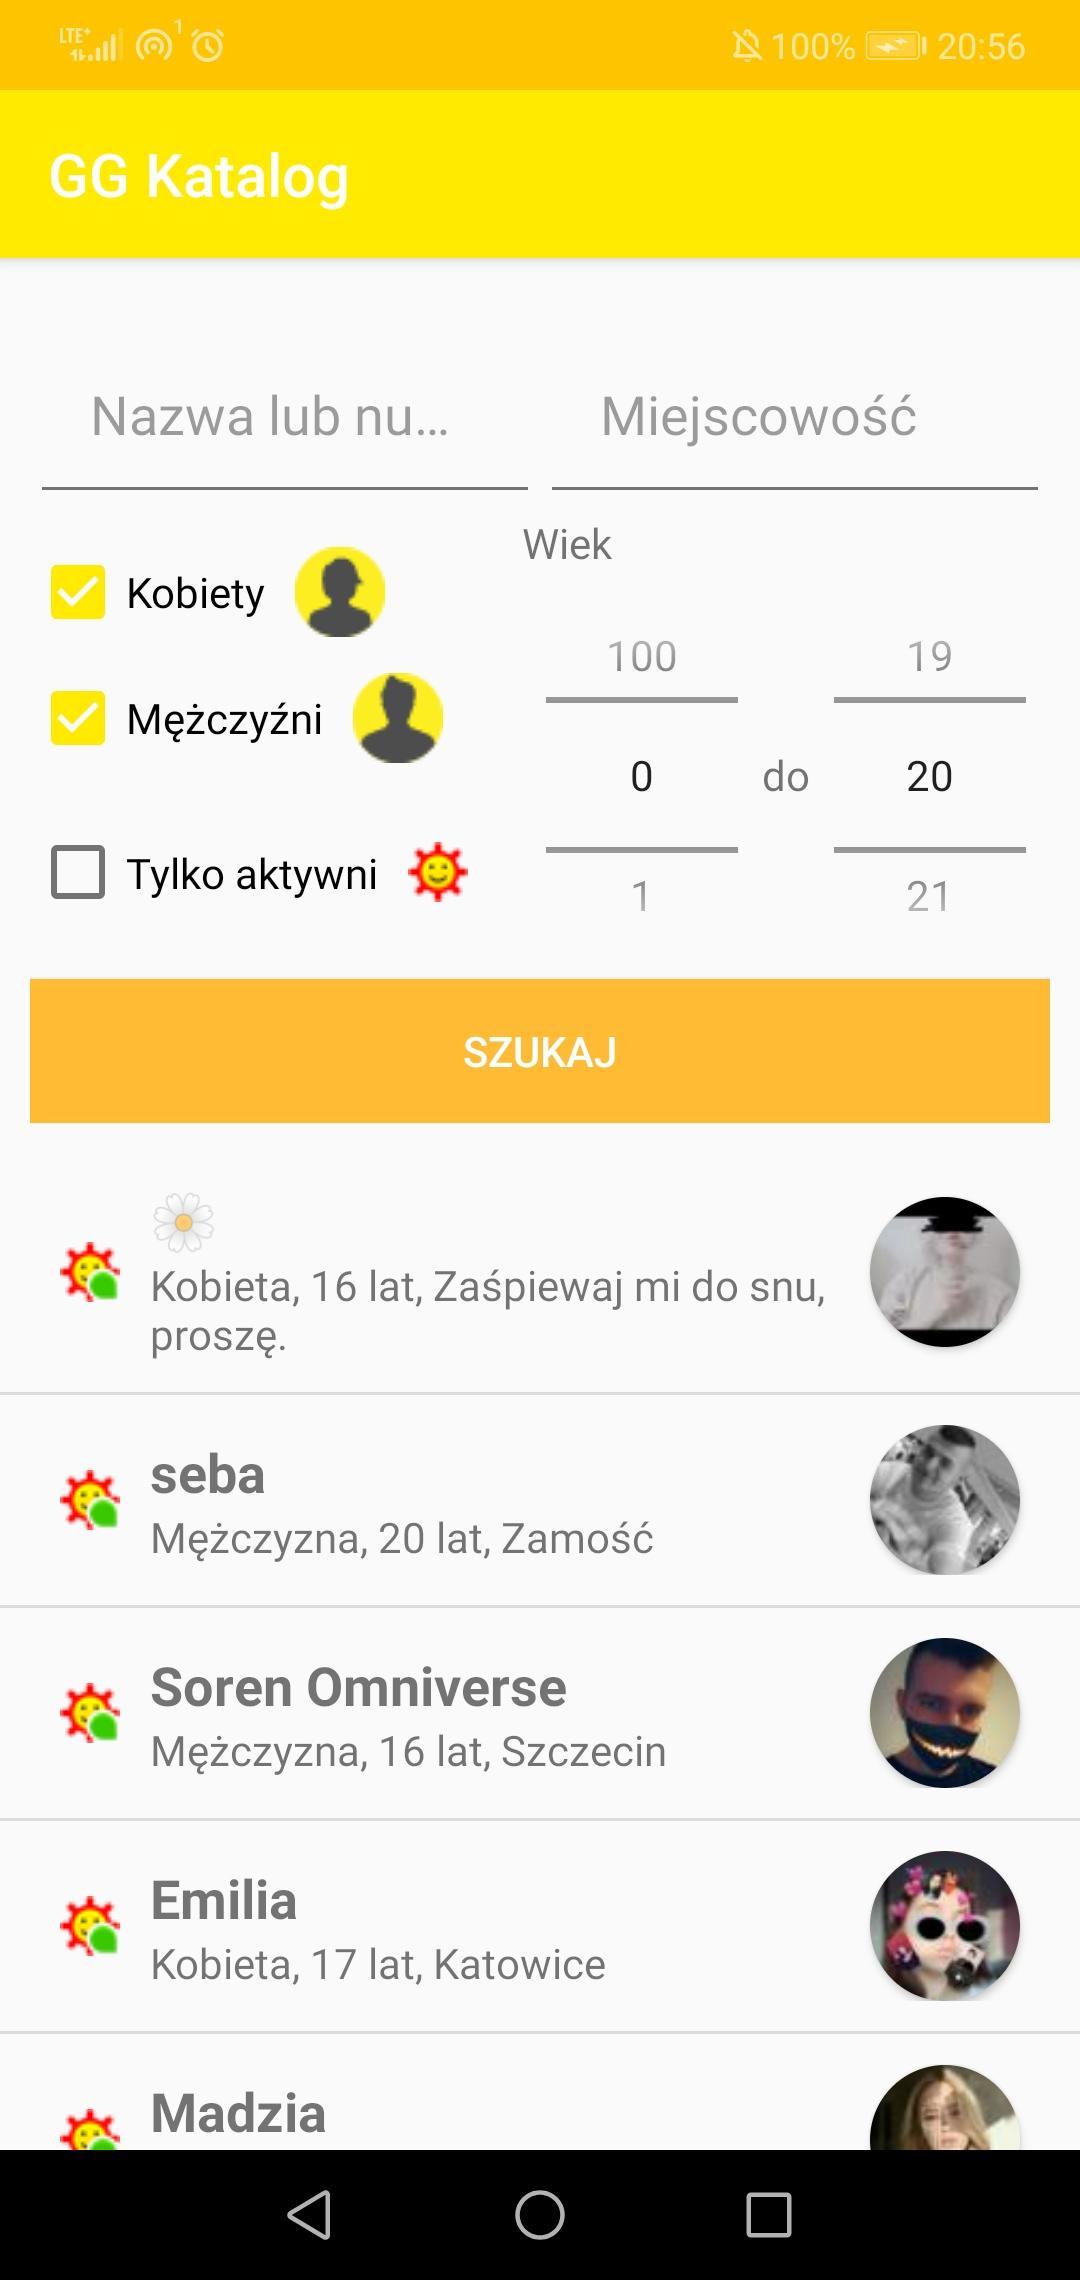 Screenshot_20200229_205608_pl.kataloggg.jpg